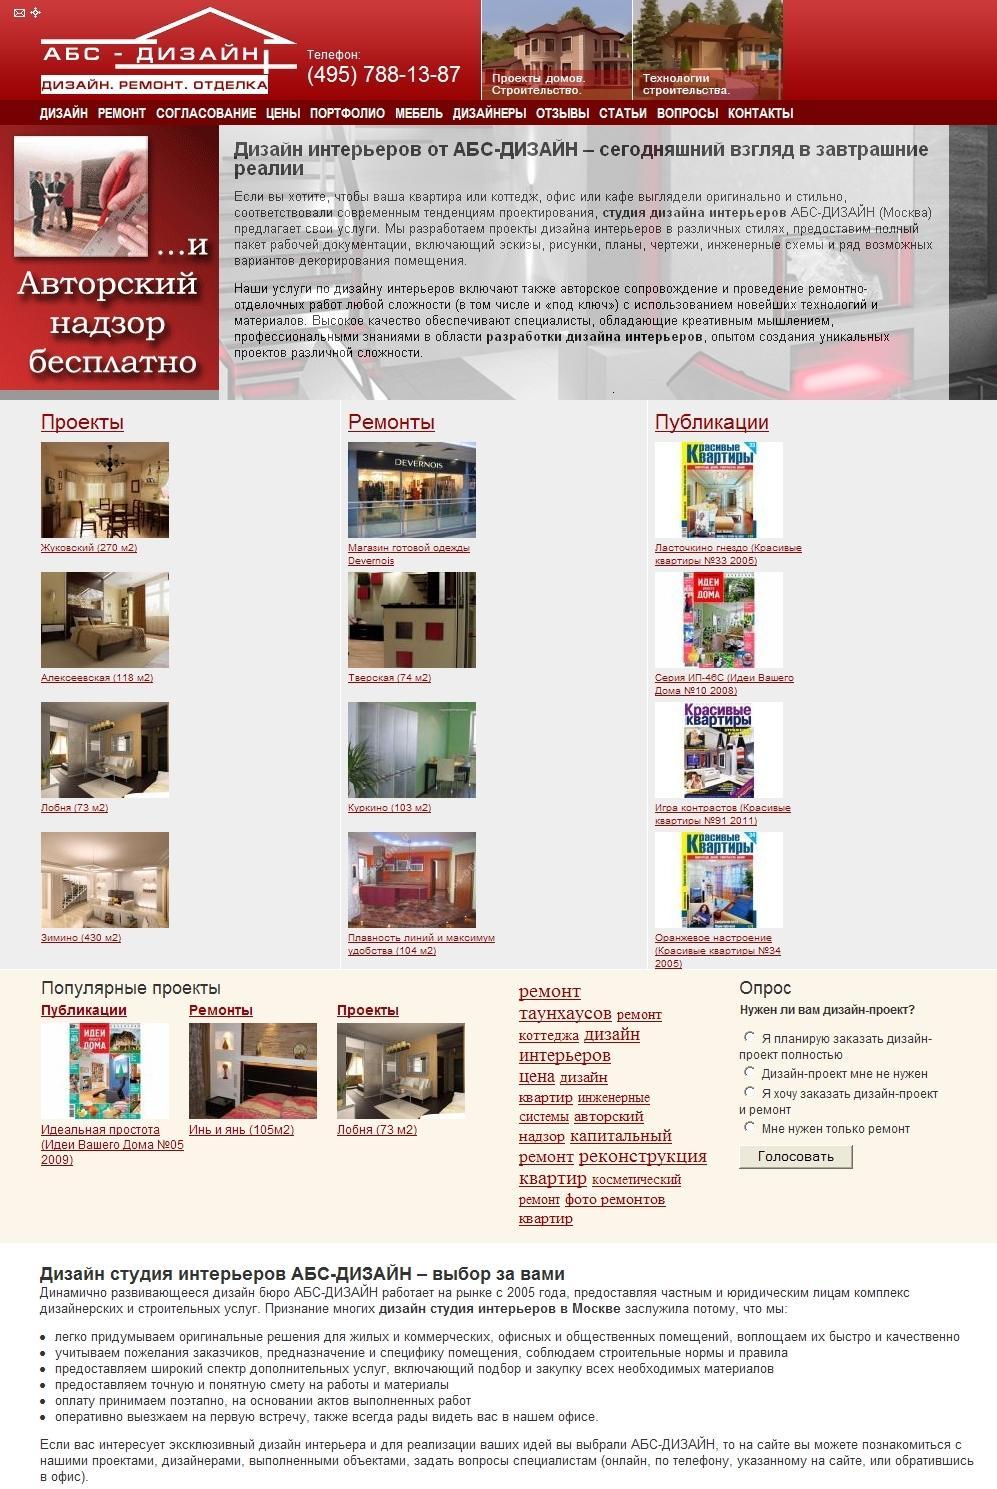 Дизайн интерьеров от АБС-ДИЗАЙН (текст для главной страницы сайта)